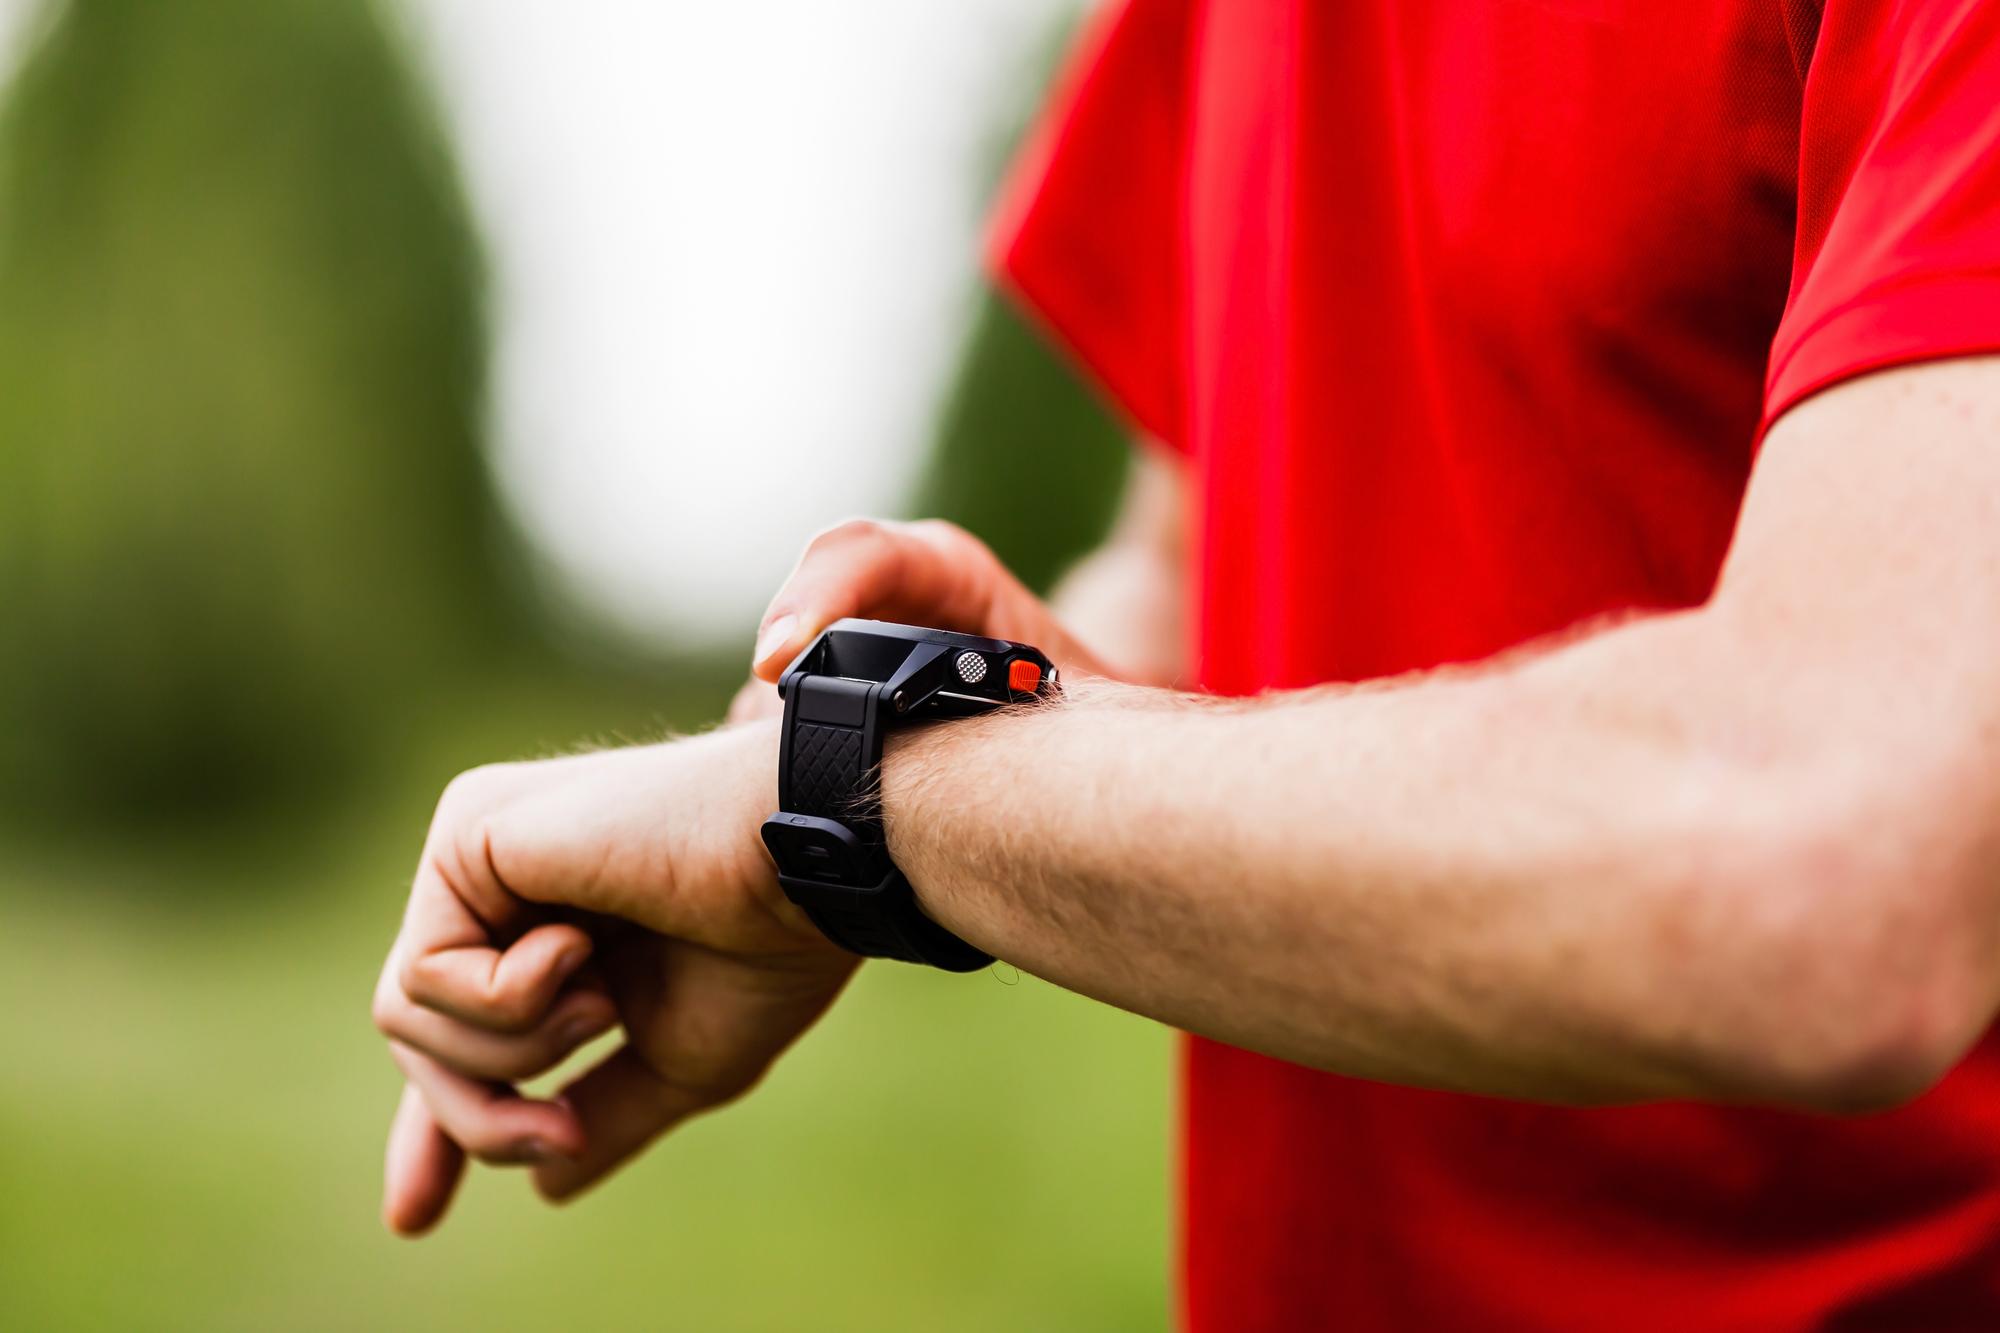 Julegaven til sportsudøveren er digital og kan måle